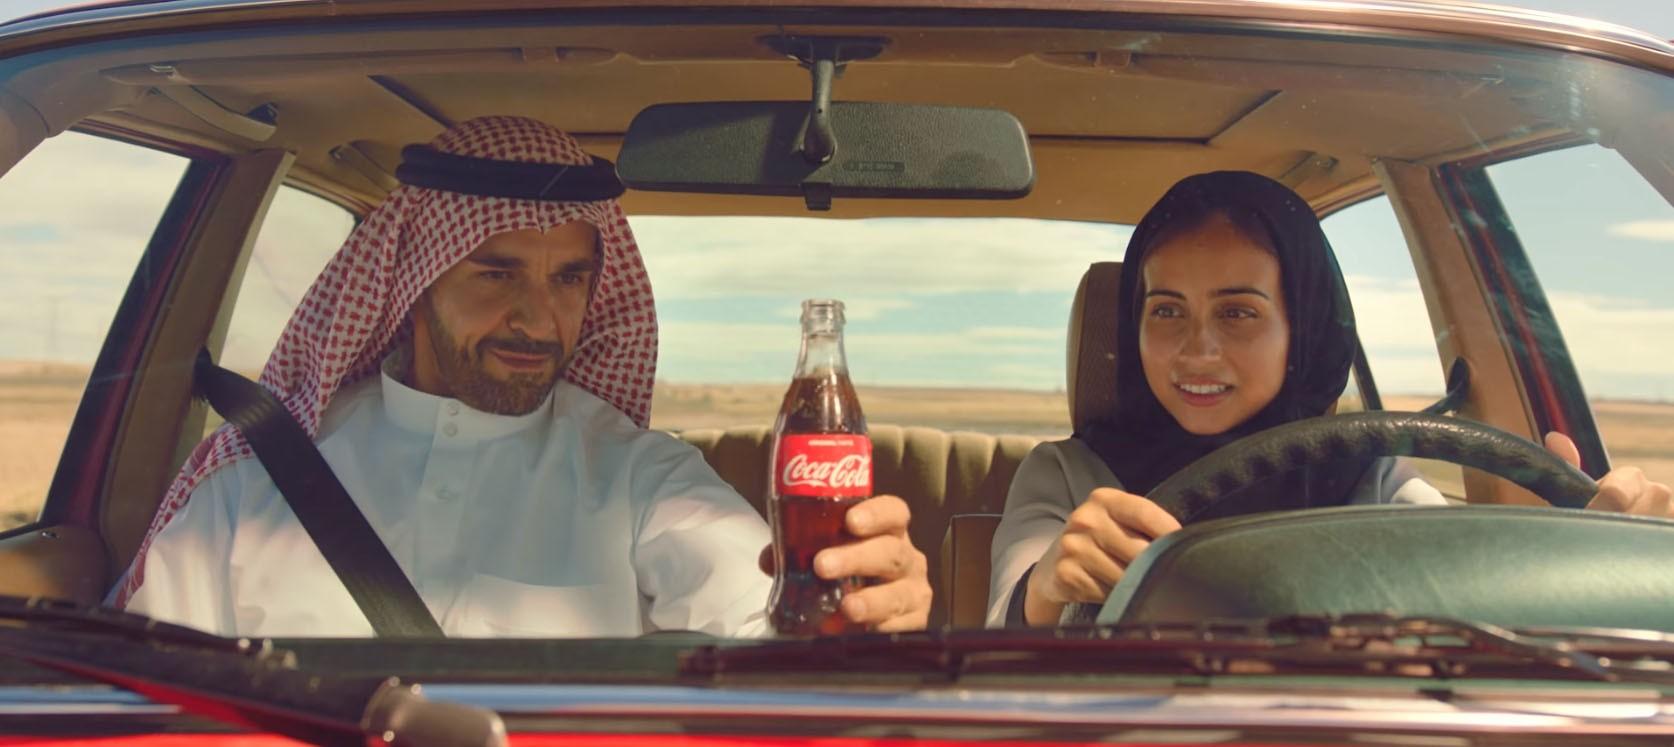 1713f2d336 Aldi Rips Off Coca-Cola Truck For Christmas Ad ...